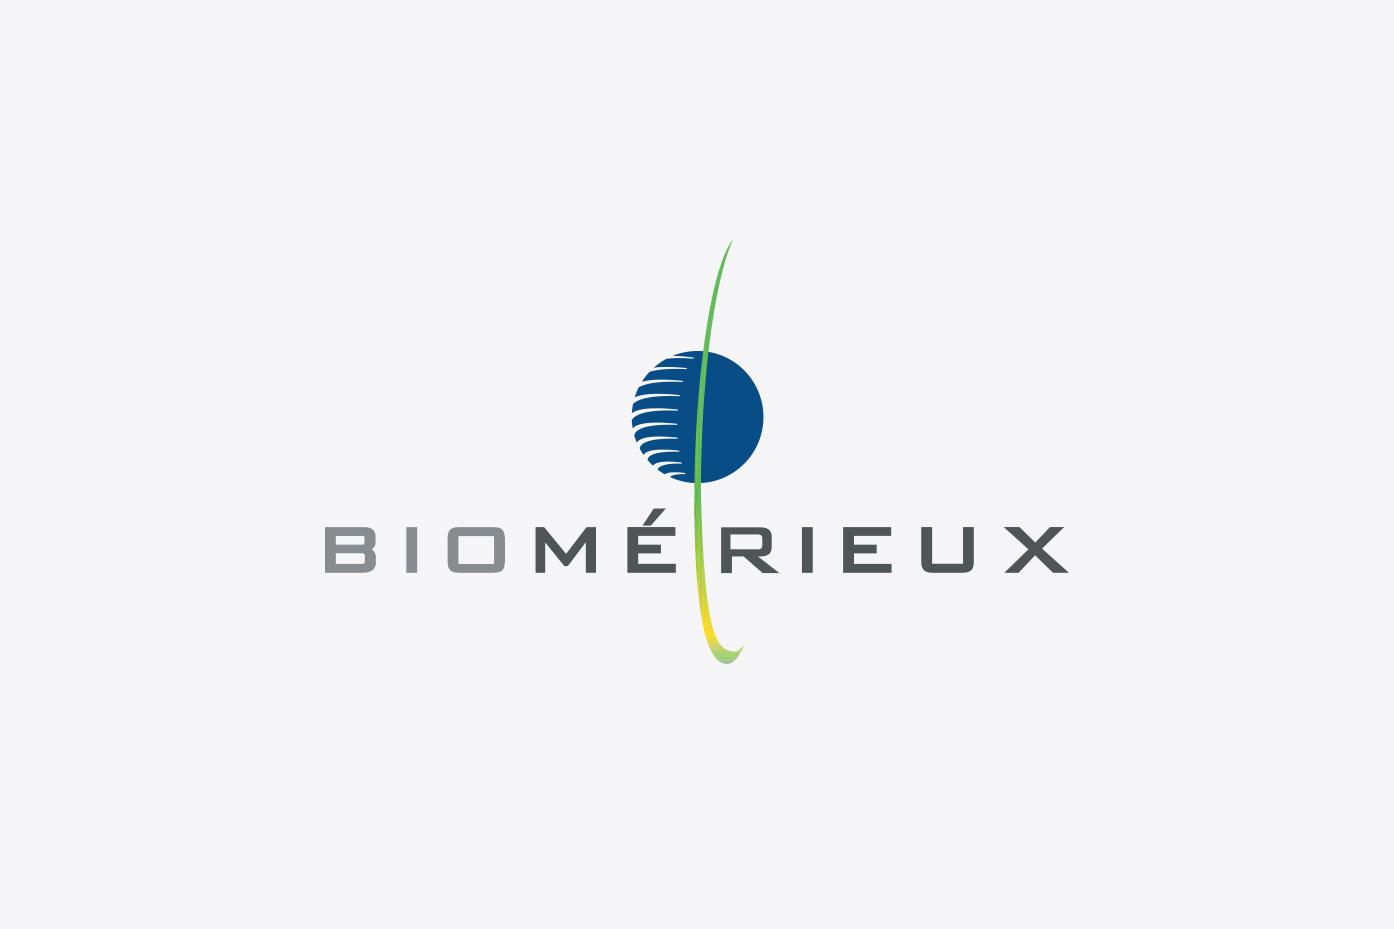 Case study: bioMérieux